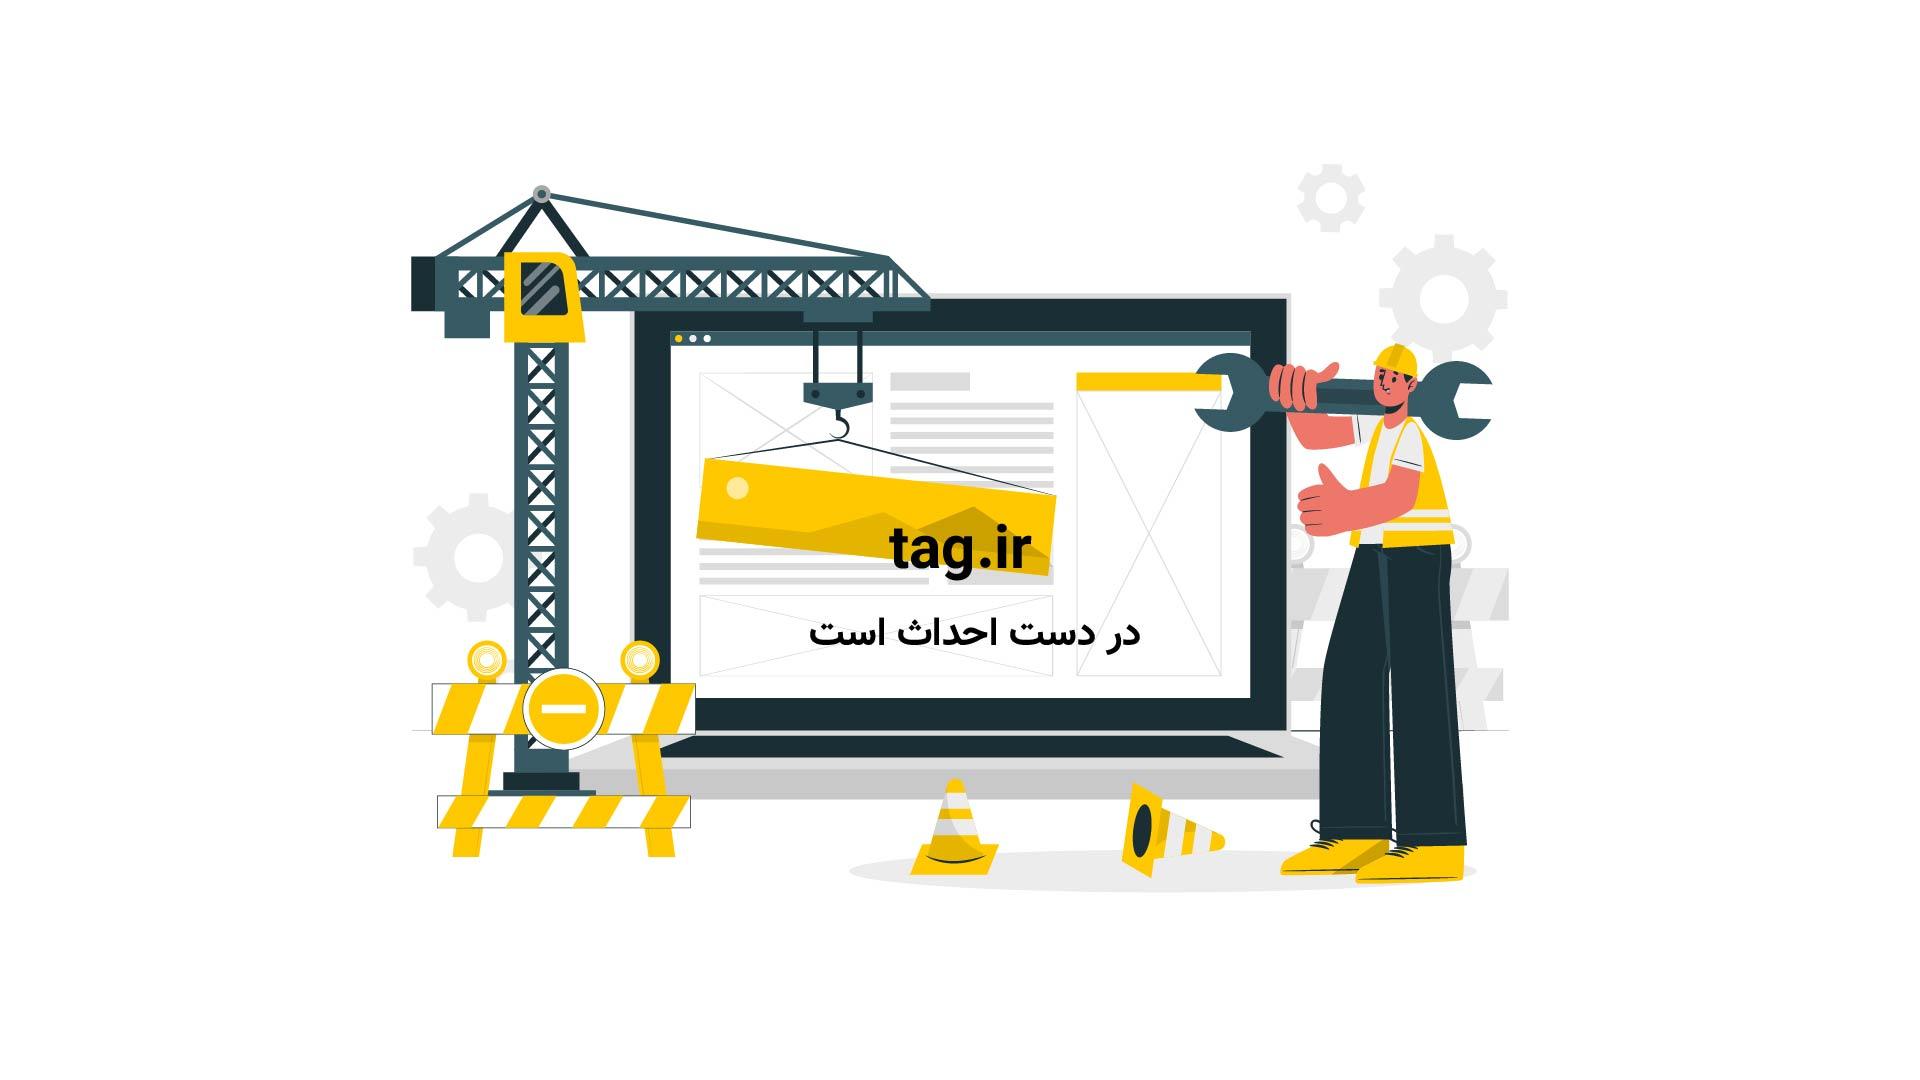 رونمایی از طرح حمل و نقل بین سیاره ای اسپیس اکس + فیلم